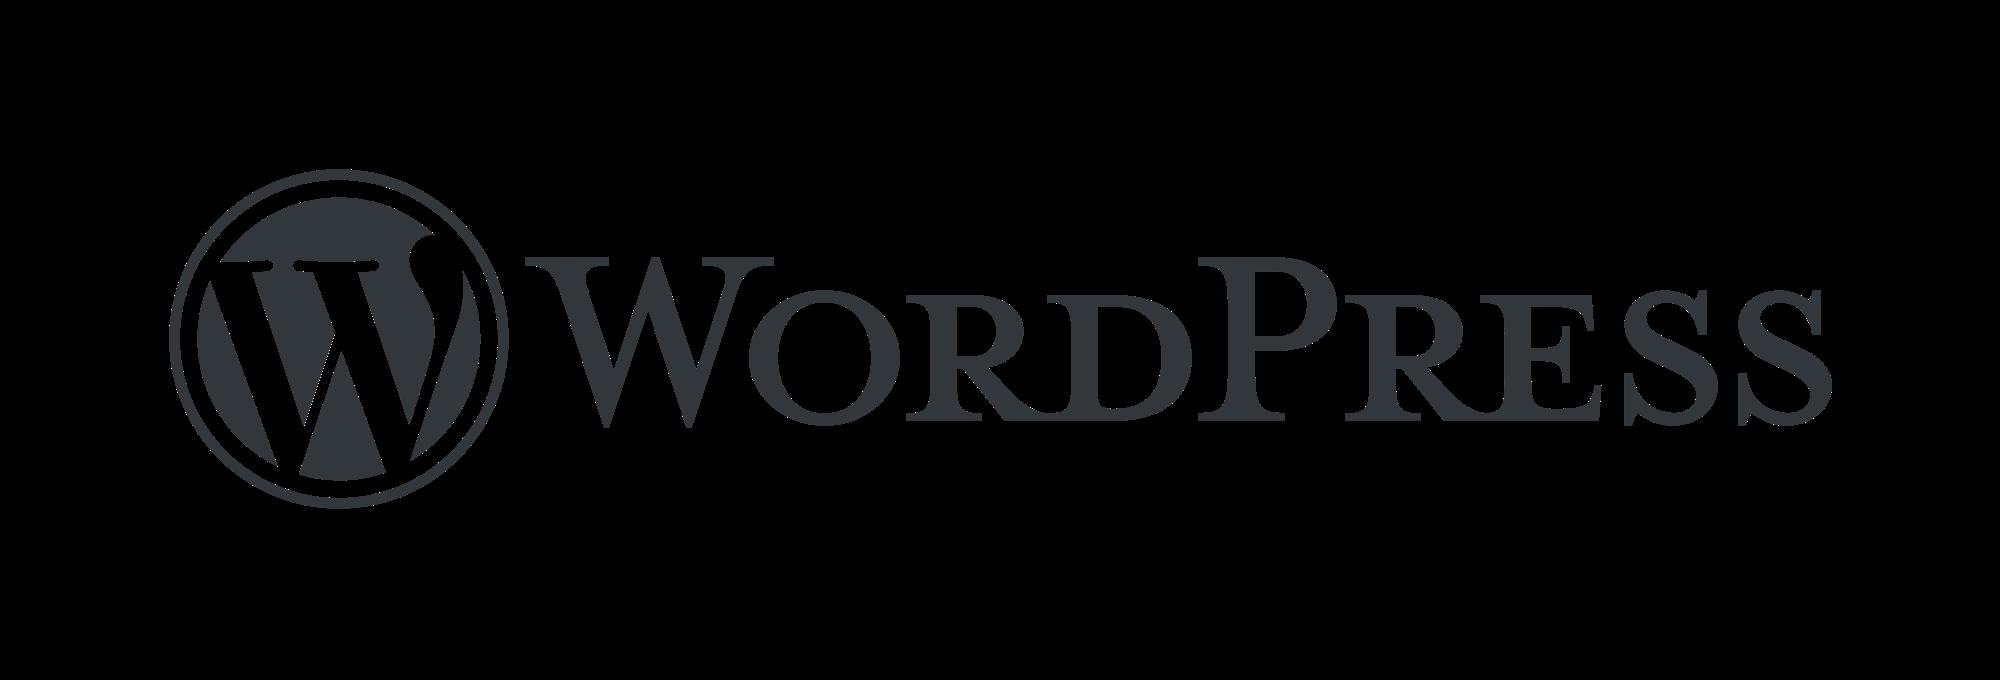 lp-Wordpress